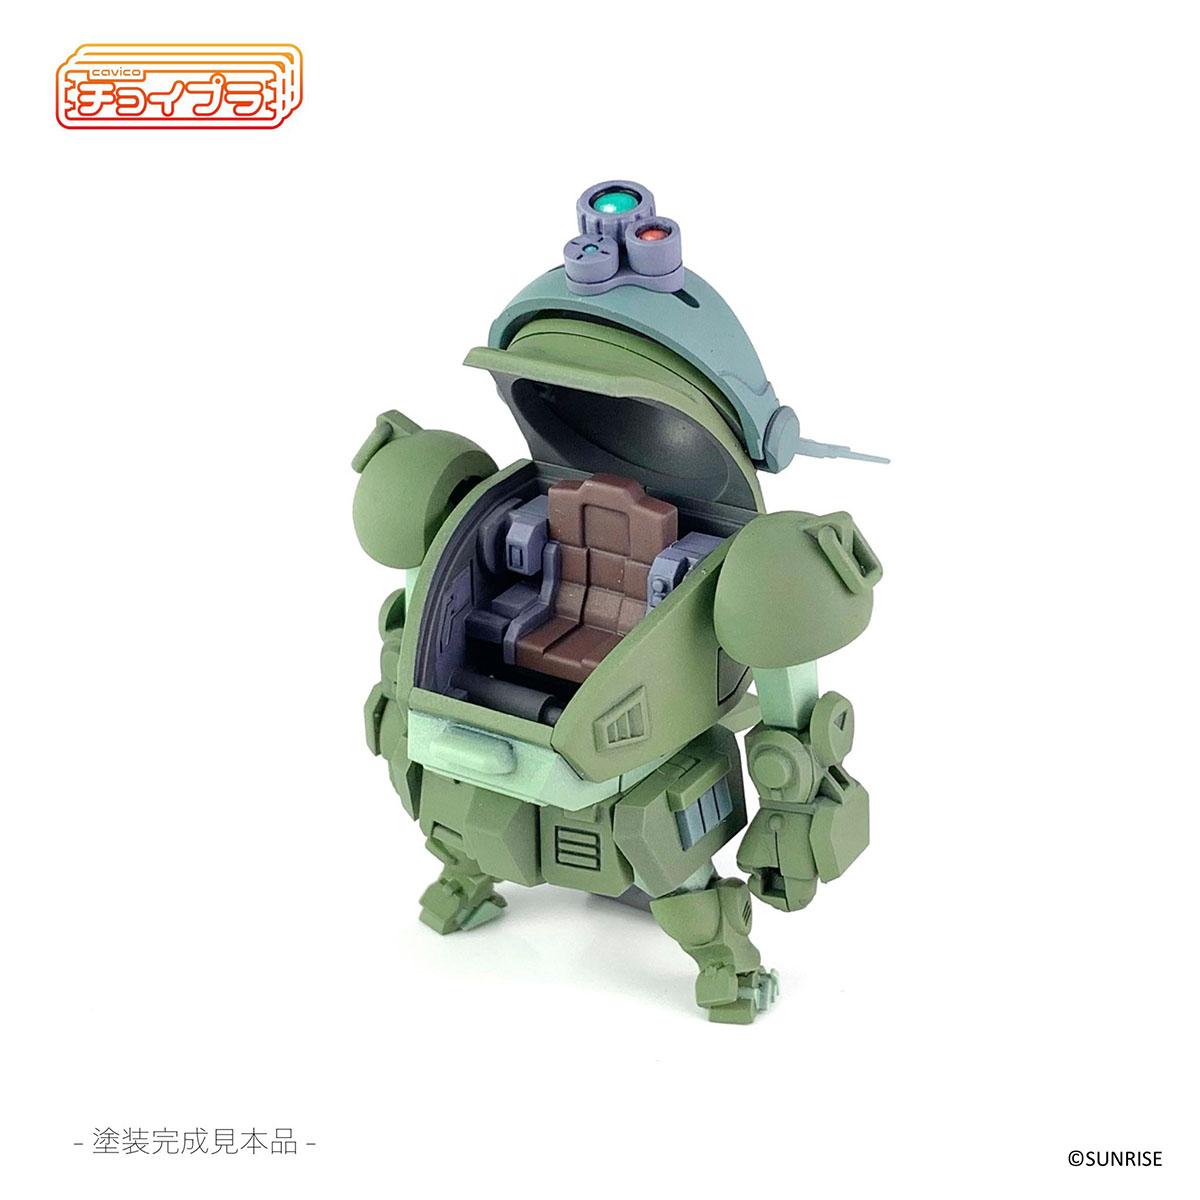 チョイプラ『装甲騎兵ボトムズ スコープドッグ』プラモデル-011